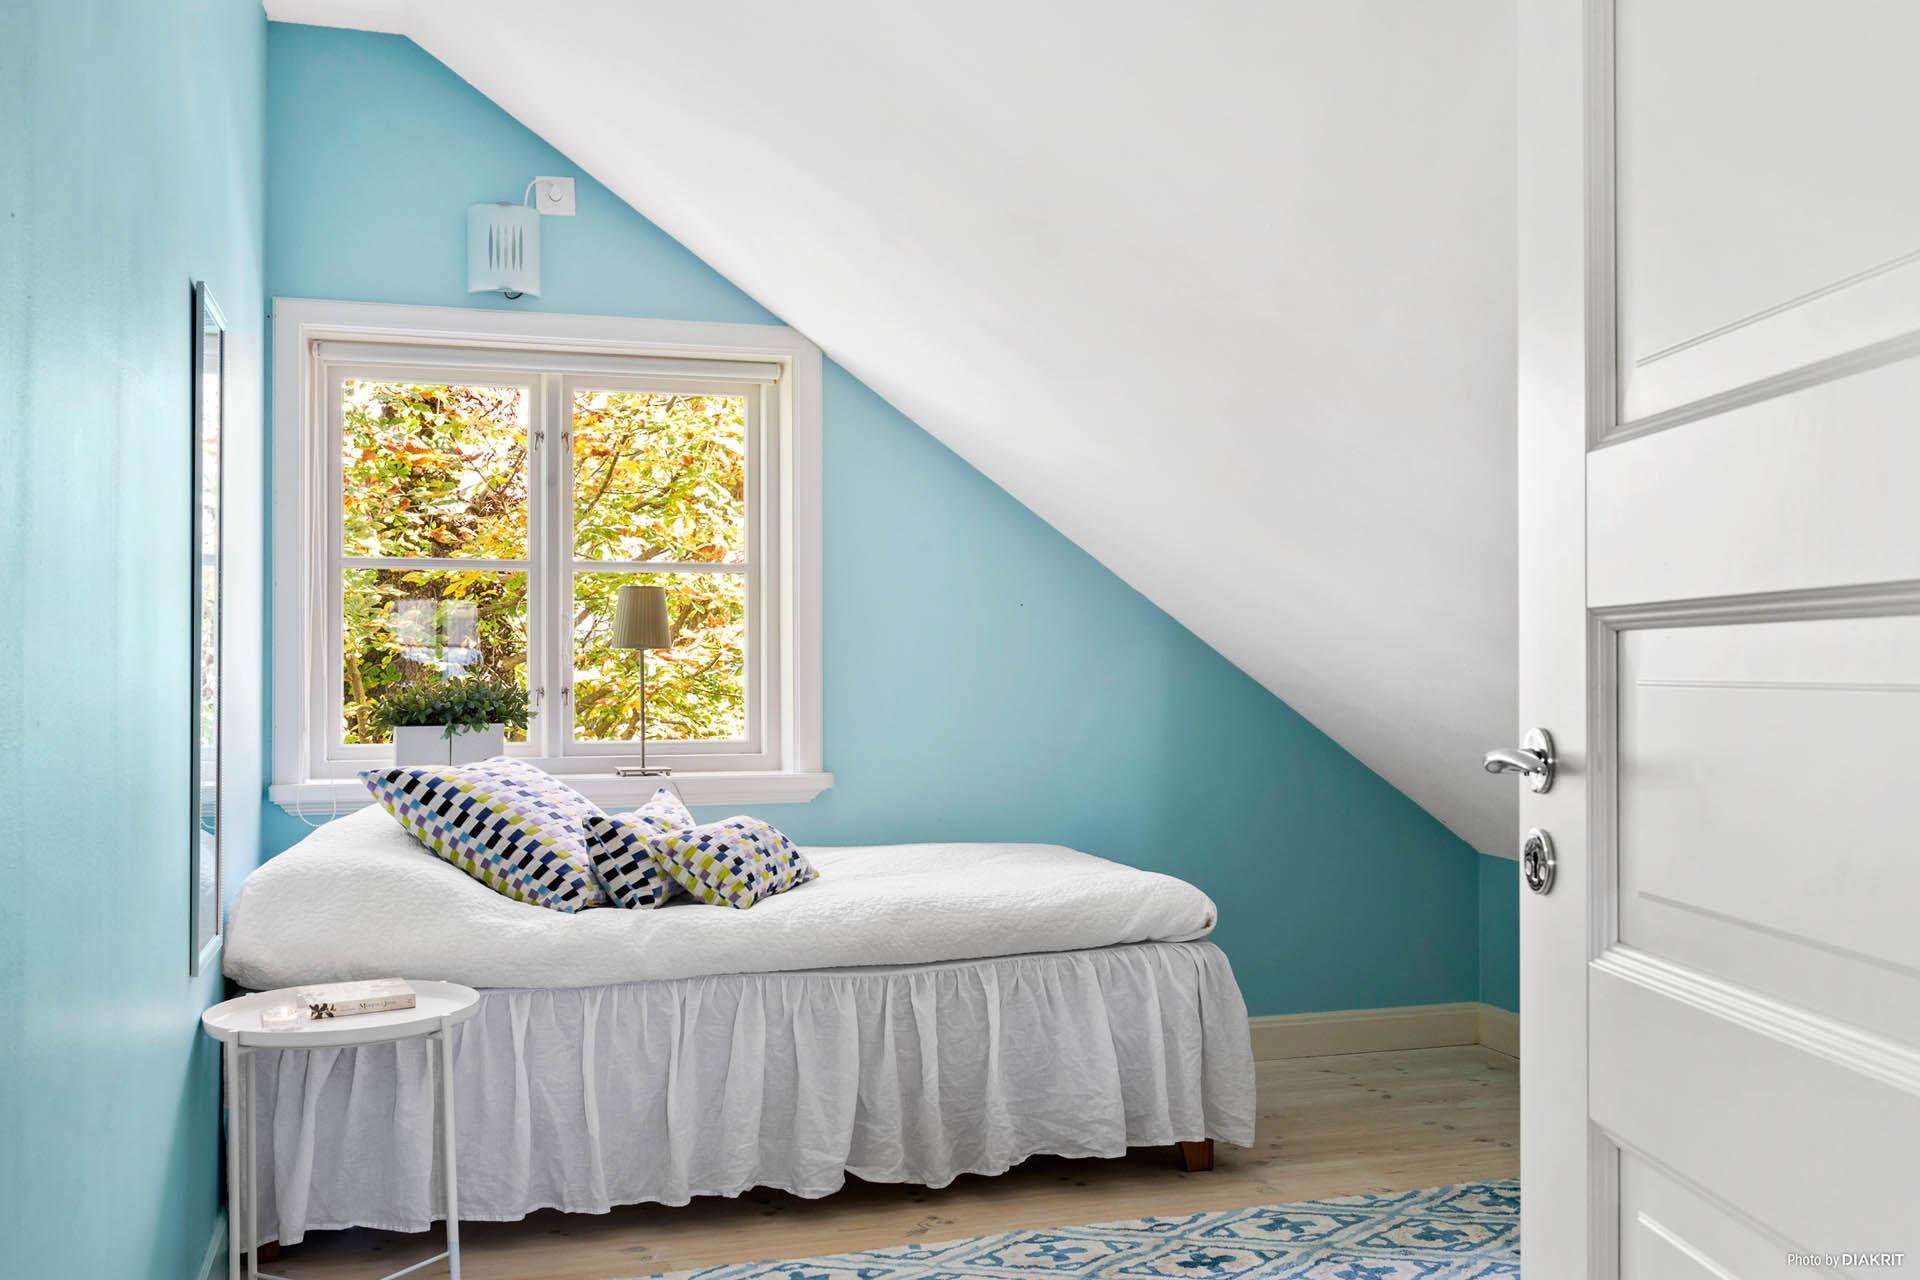 SOVRUM 3 - Ljust sovrum i turkosa toner med utsikt mot stor park